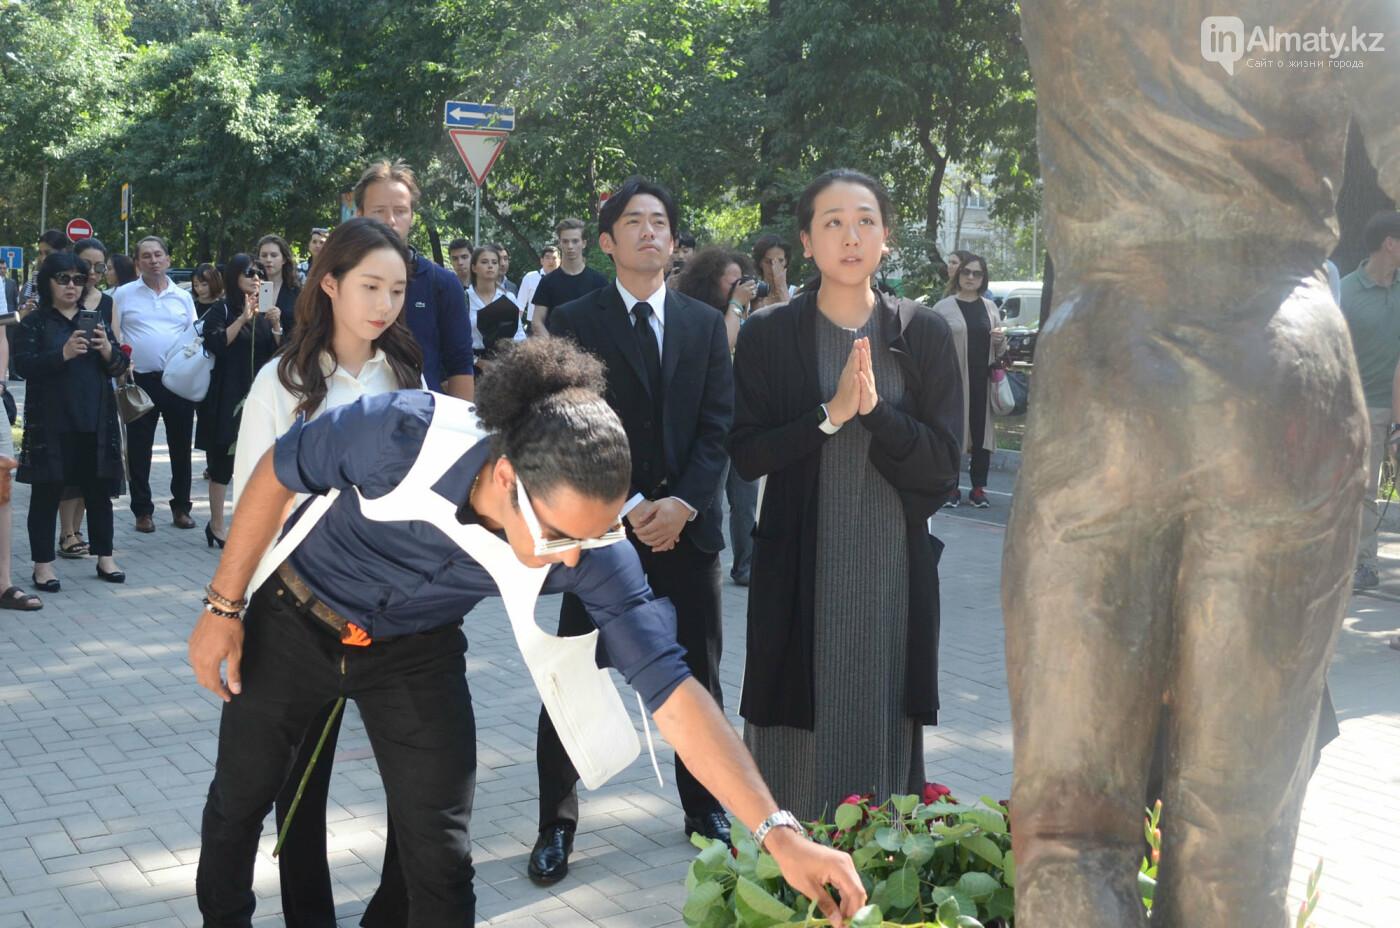 Родственники Дениса Тена и звезды фигурного катания почтили память фигуриста в Алматы, фото-6